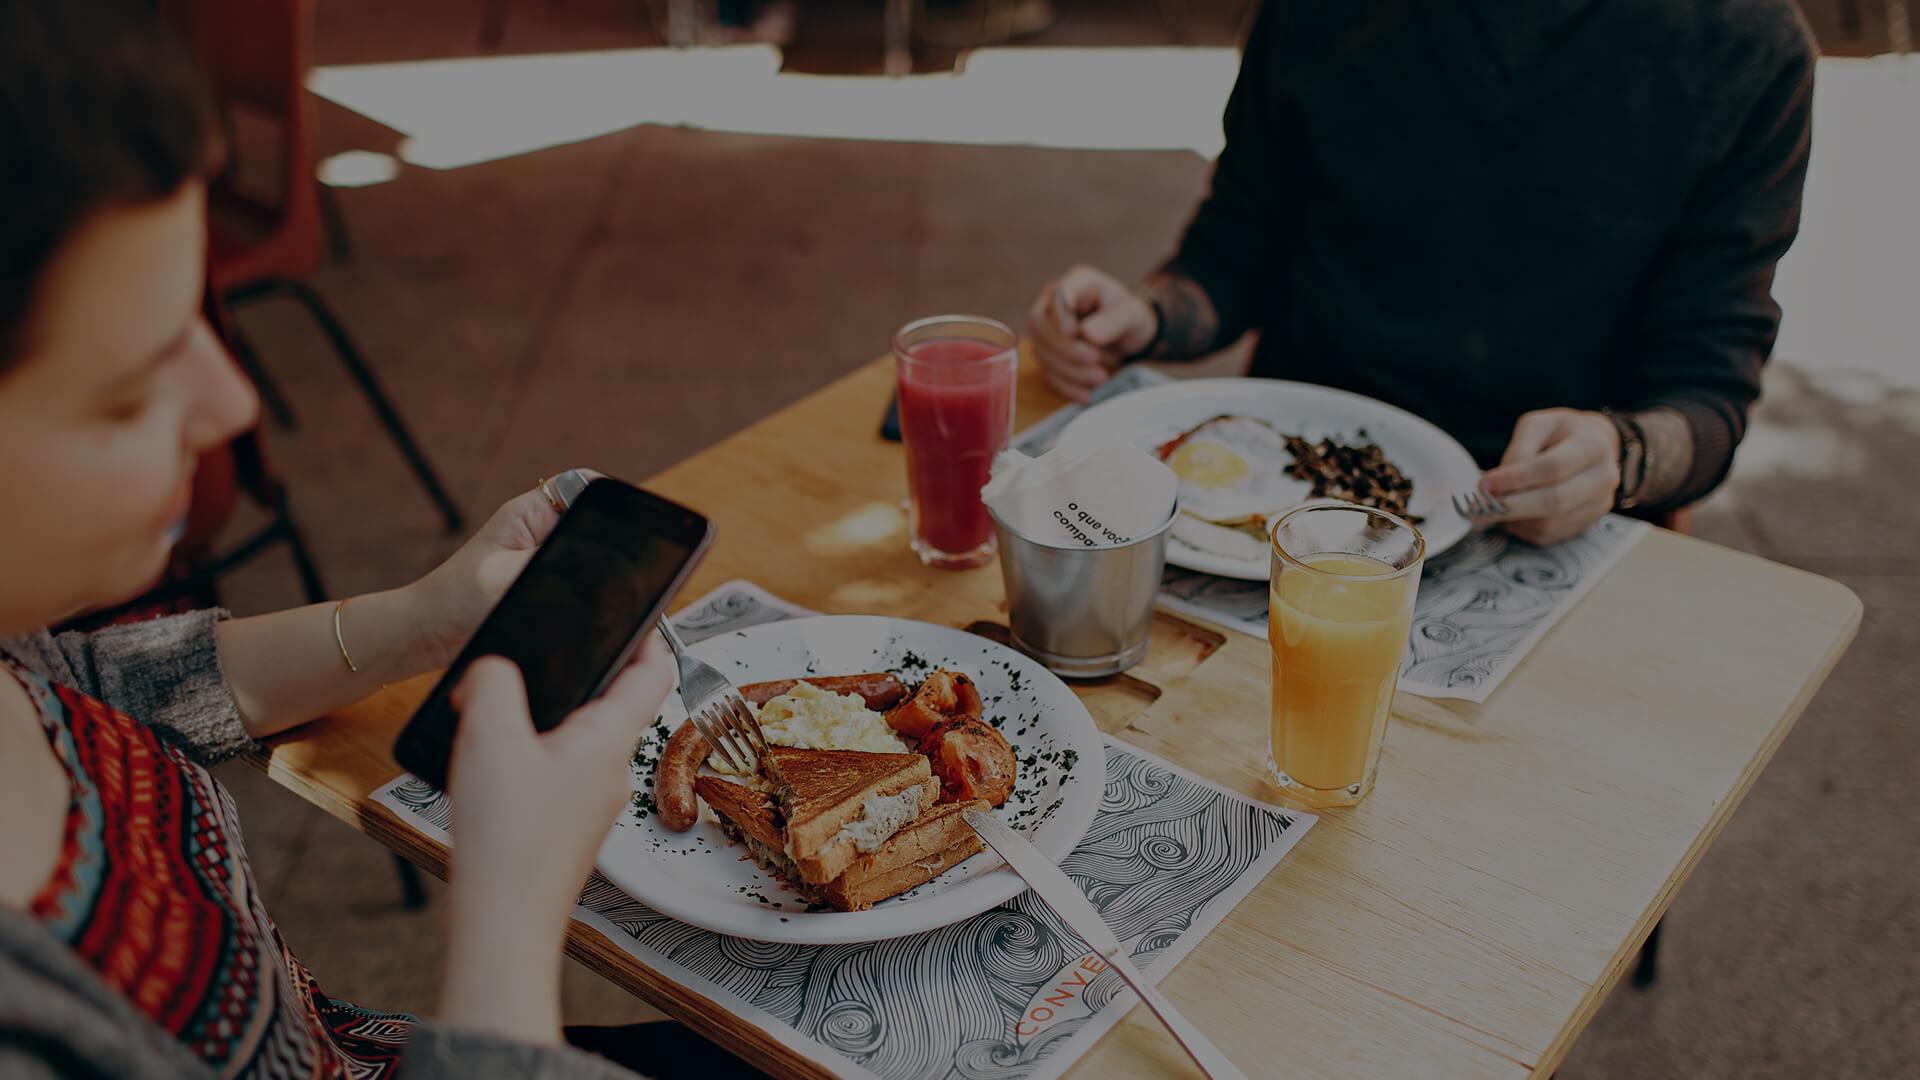 Breakfast diner looking at phone